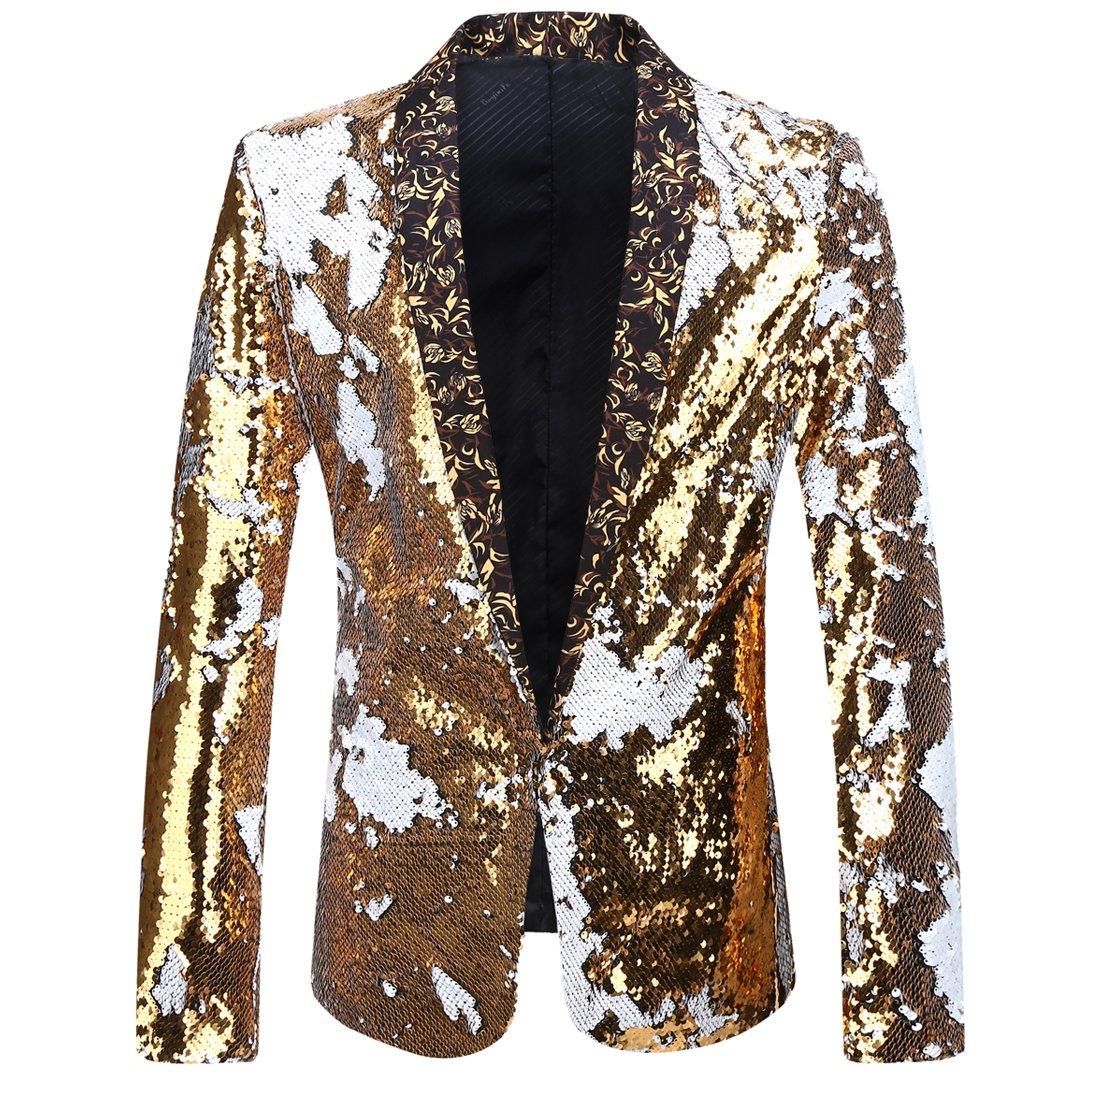 PYJTRL Men Stylish Two Color Conversion Shiny Sequins Blazer Suit Jacket (Gold + White, S/38R)